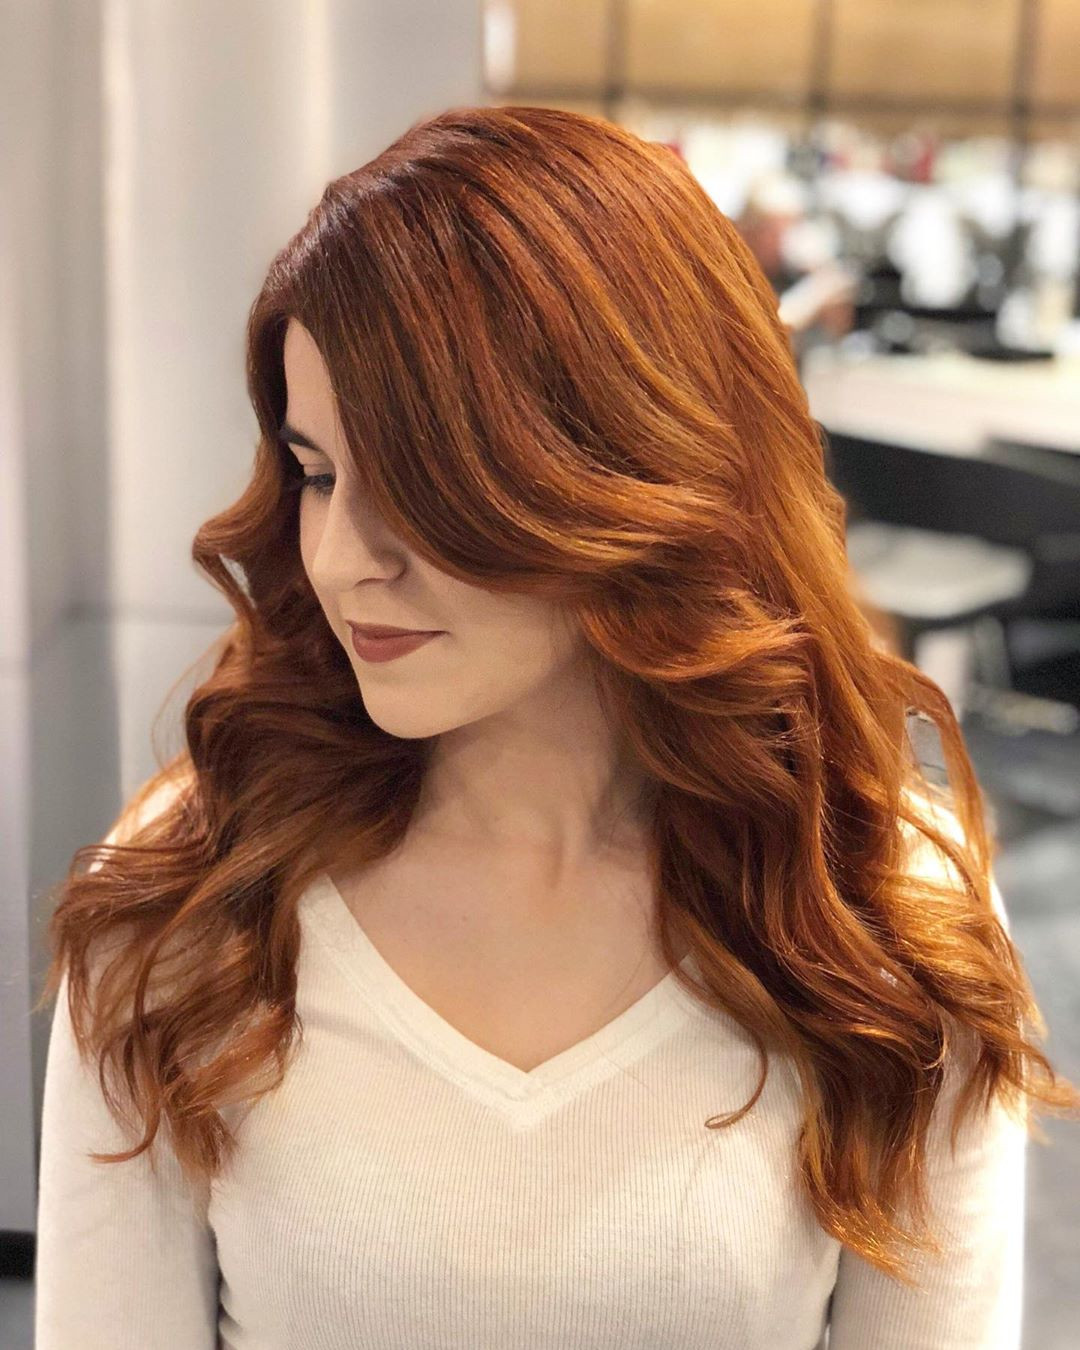 55 Best Auburn Hairstyles Colors You Are Sure to Love,auburn hair with highlights,long auburn hair,natural auburn hair